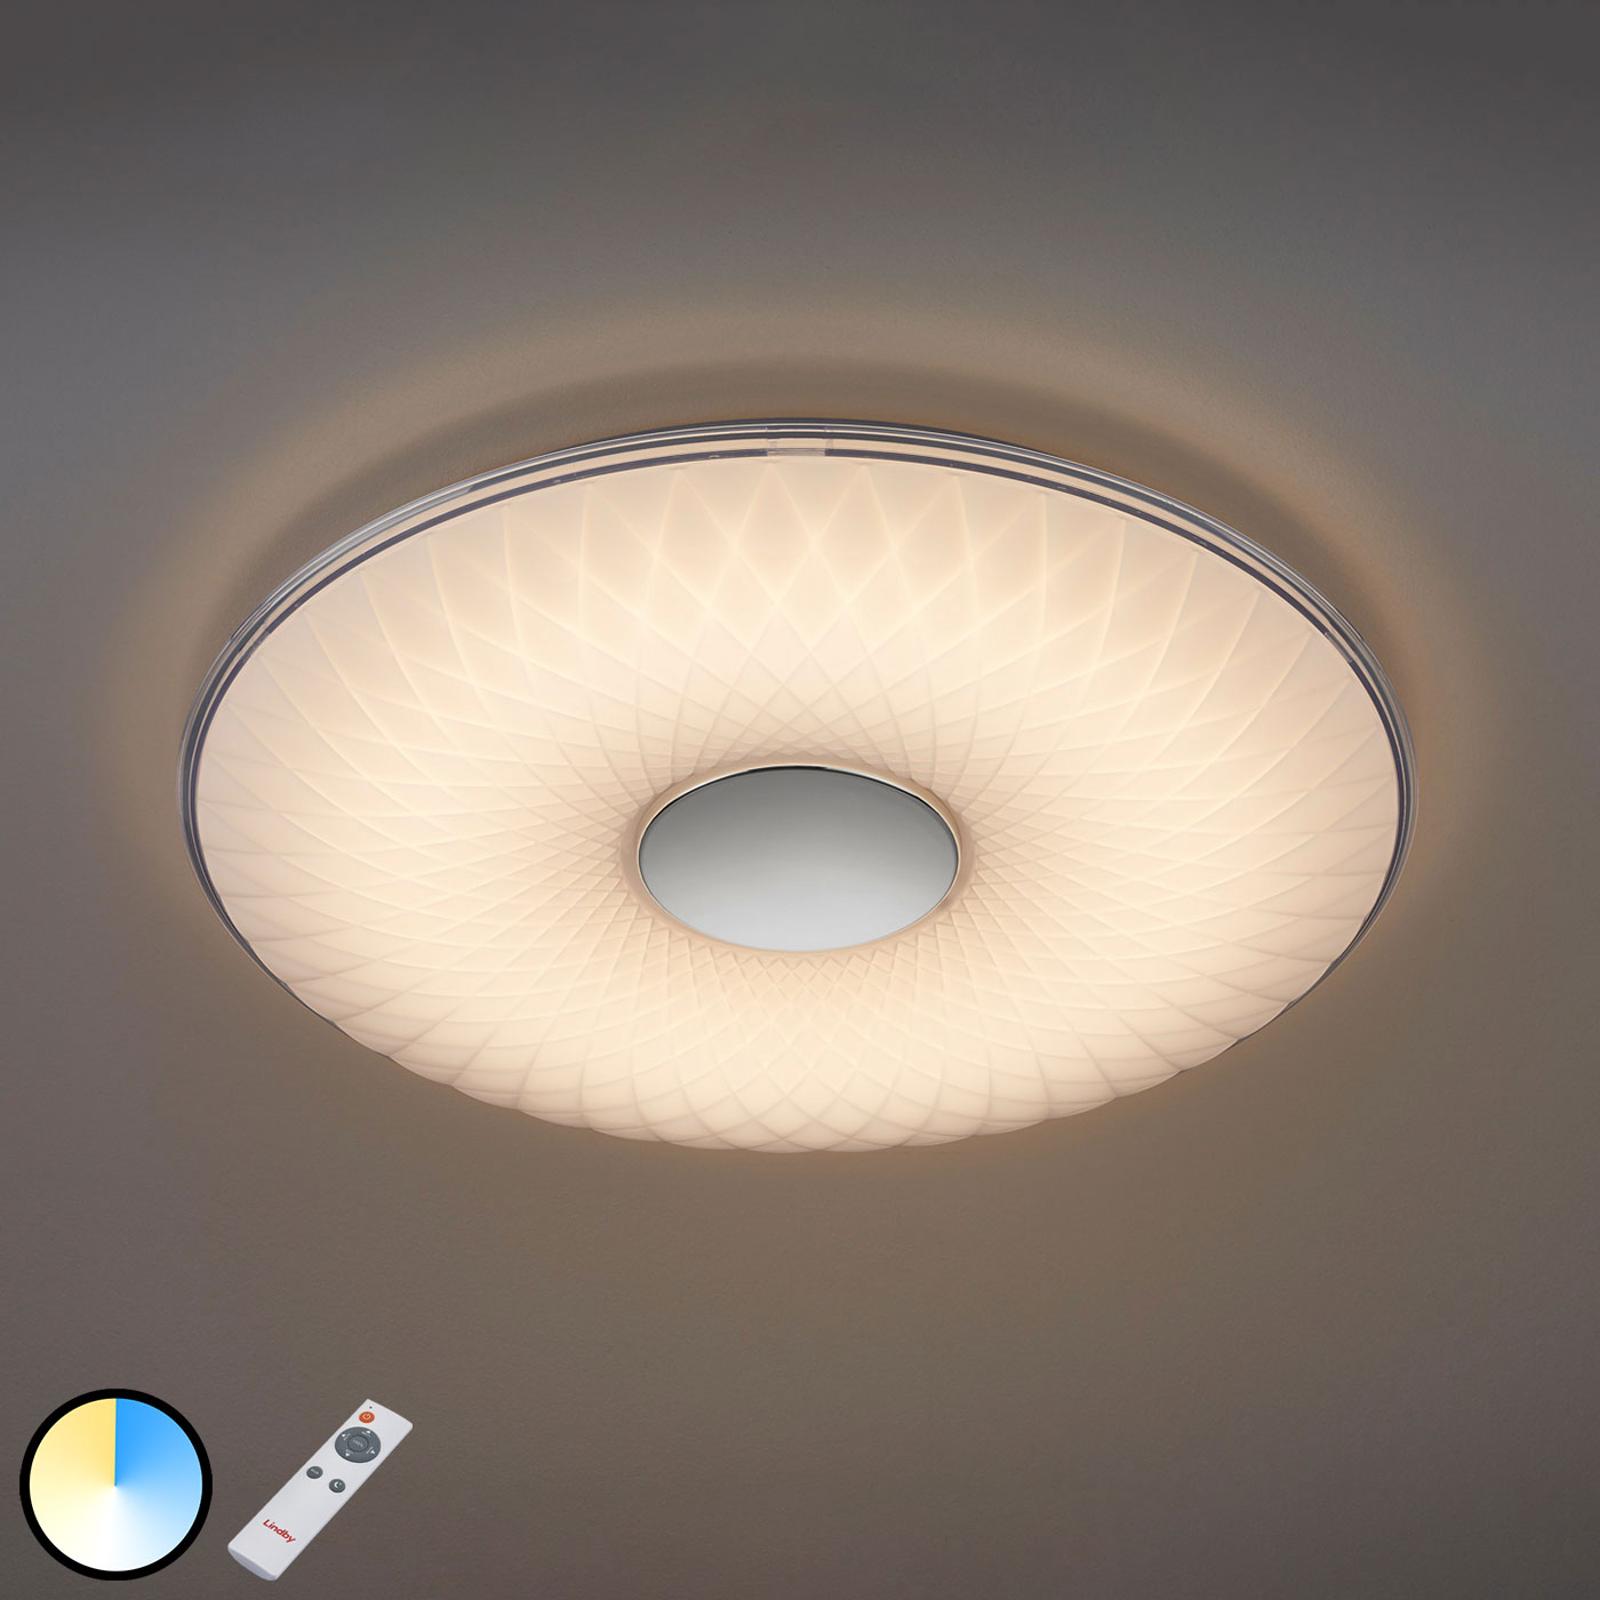 LED-kattovalaisin Tymon, 3000–5500K, pyöreä